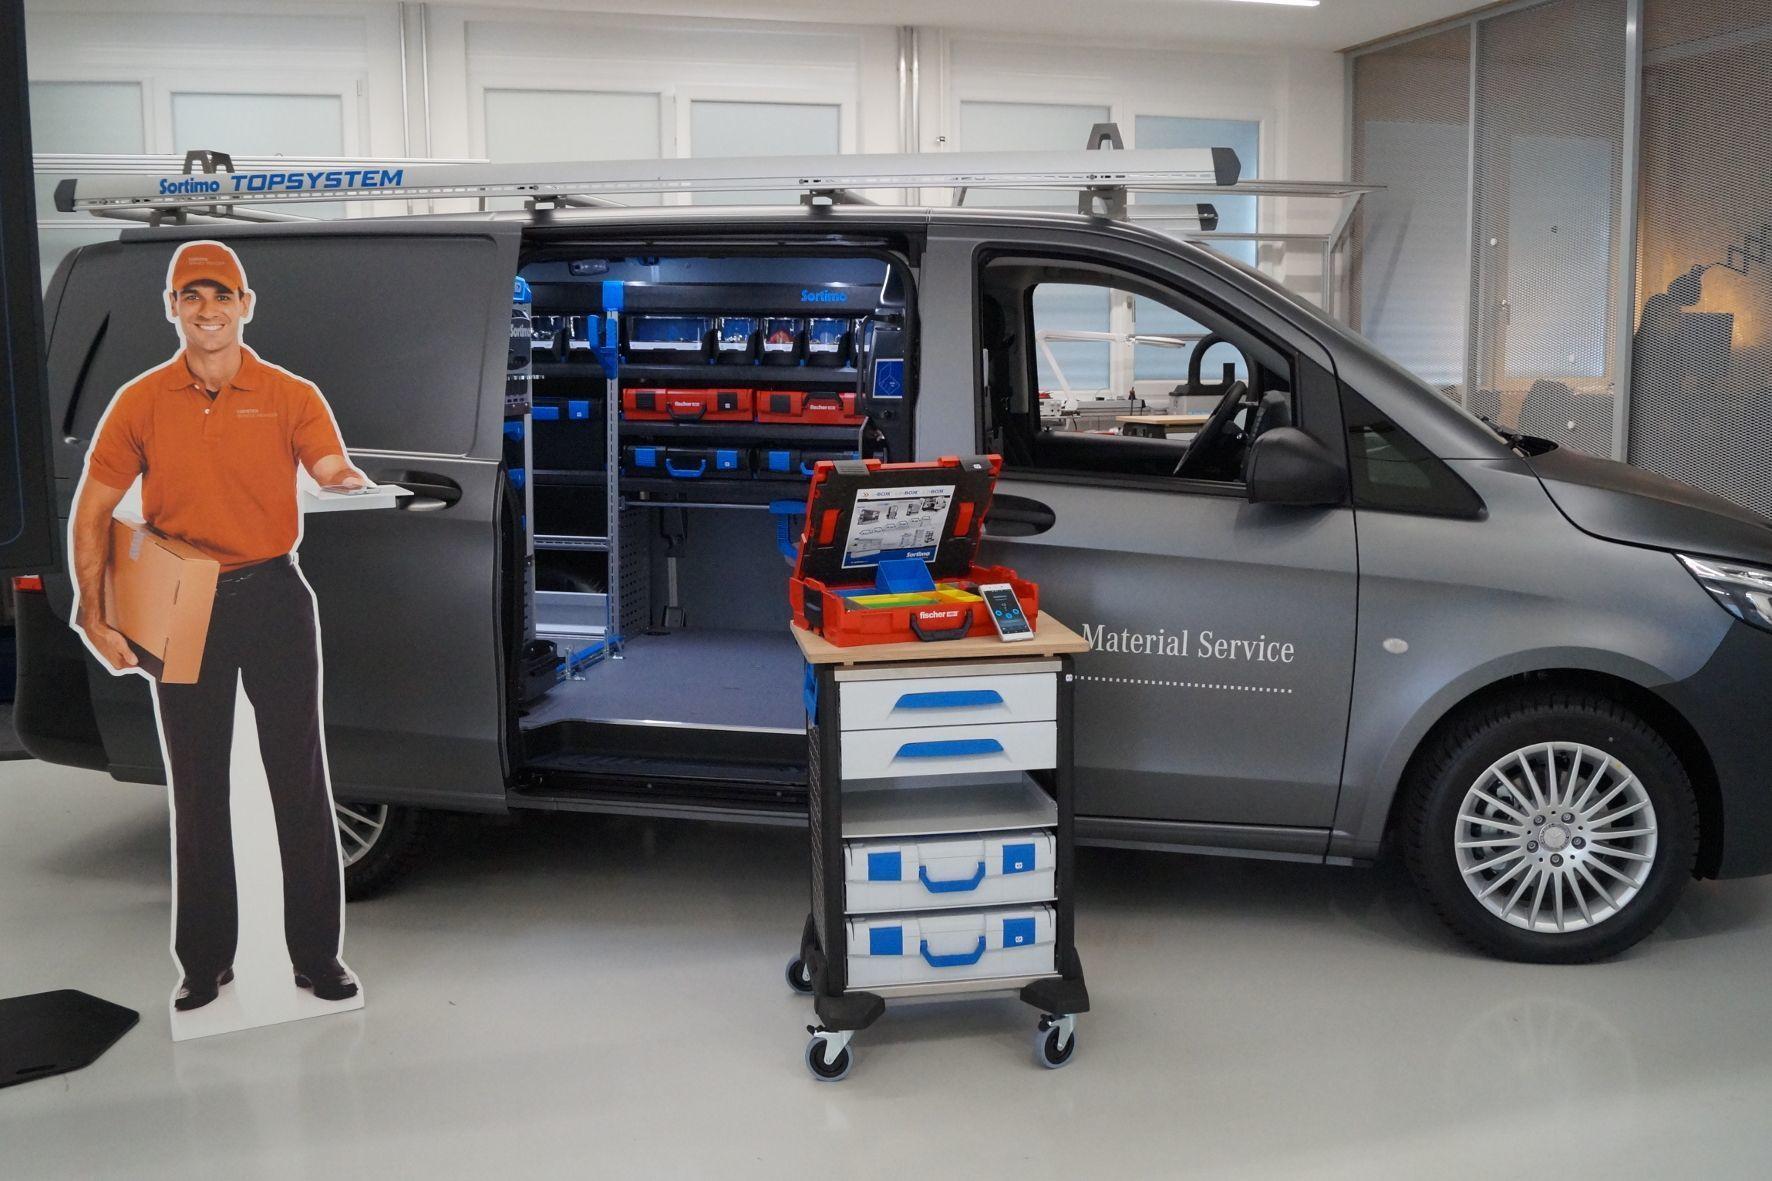 mid Stuttgart - Der Mobile Material Service von Daimler soll den Arbeits-Alltag von Servicetechnikern und Handwerkern effizienter gestalten.